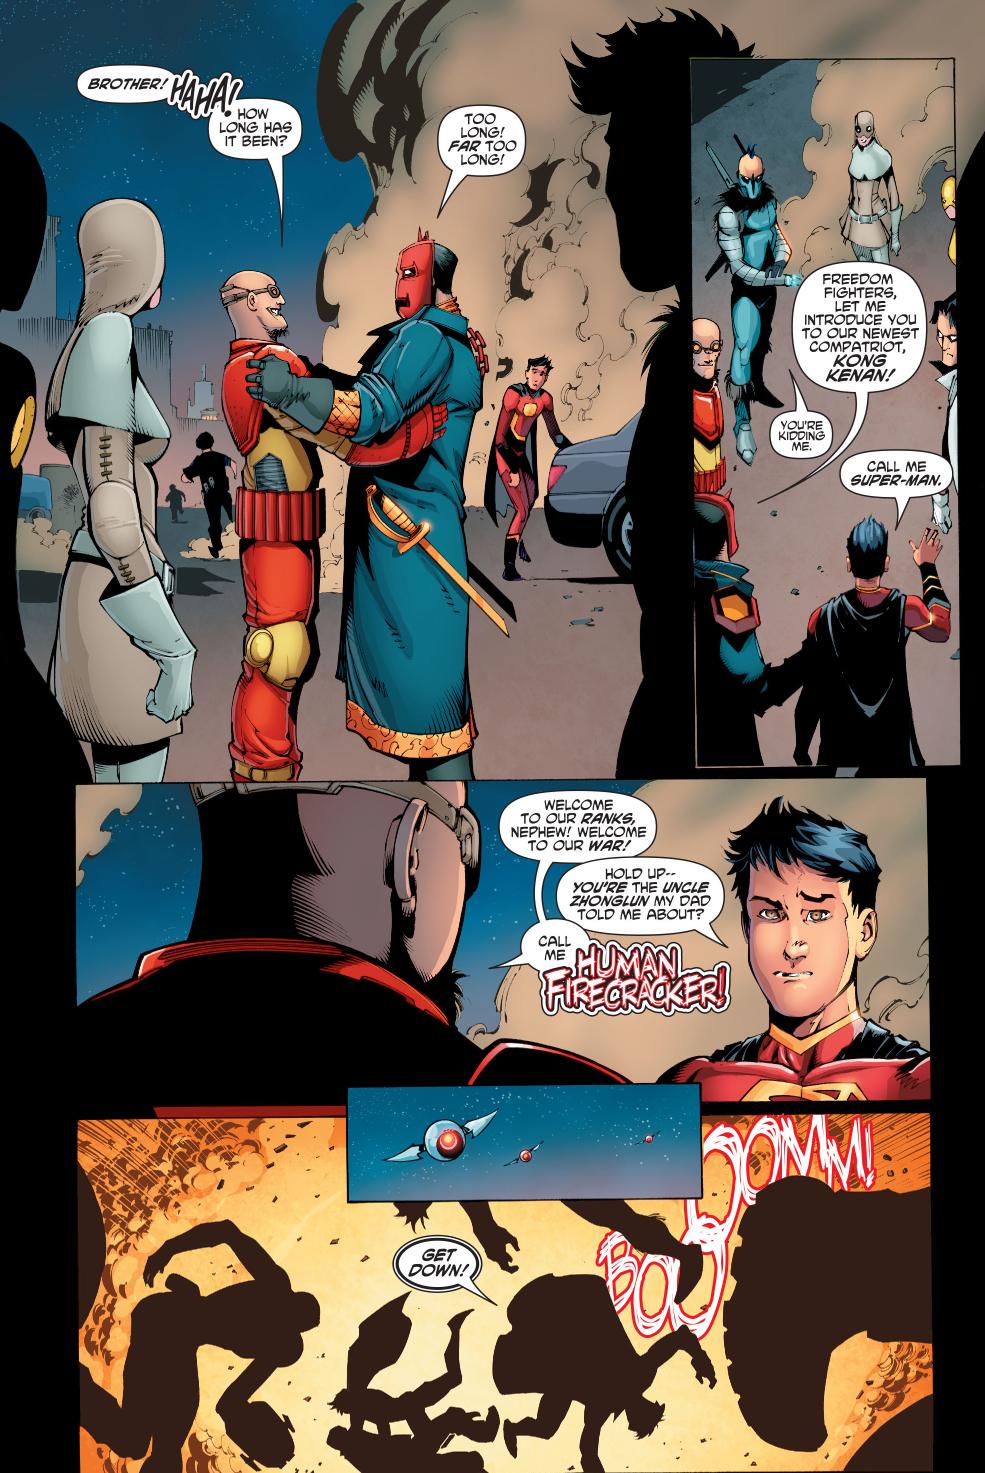 Chinese Superman Meets Human Firecracker